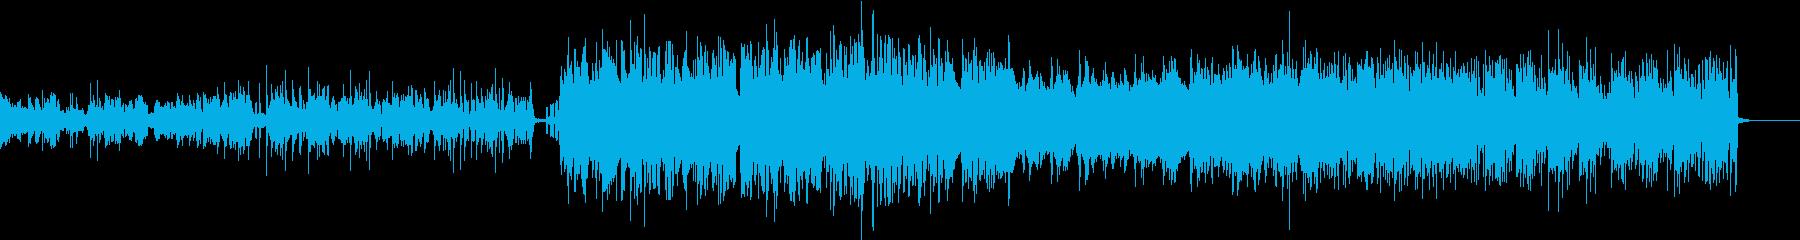 ミステリアスなHiphopの再生済みの波形